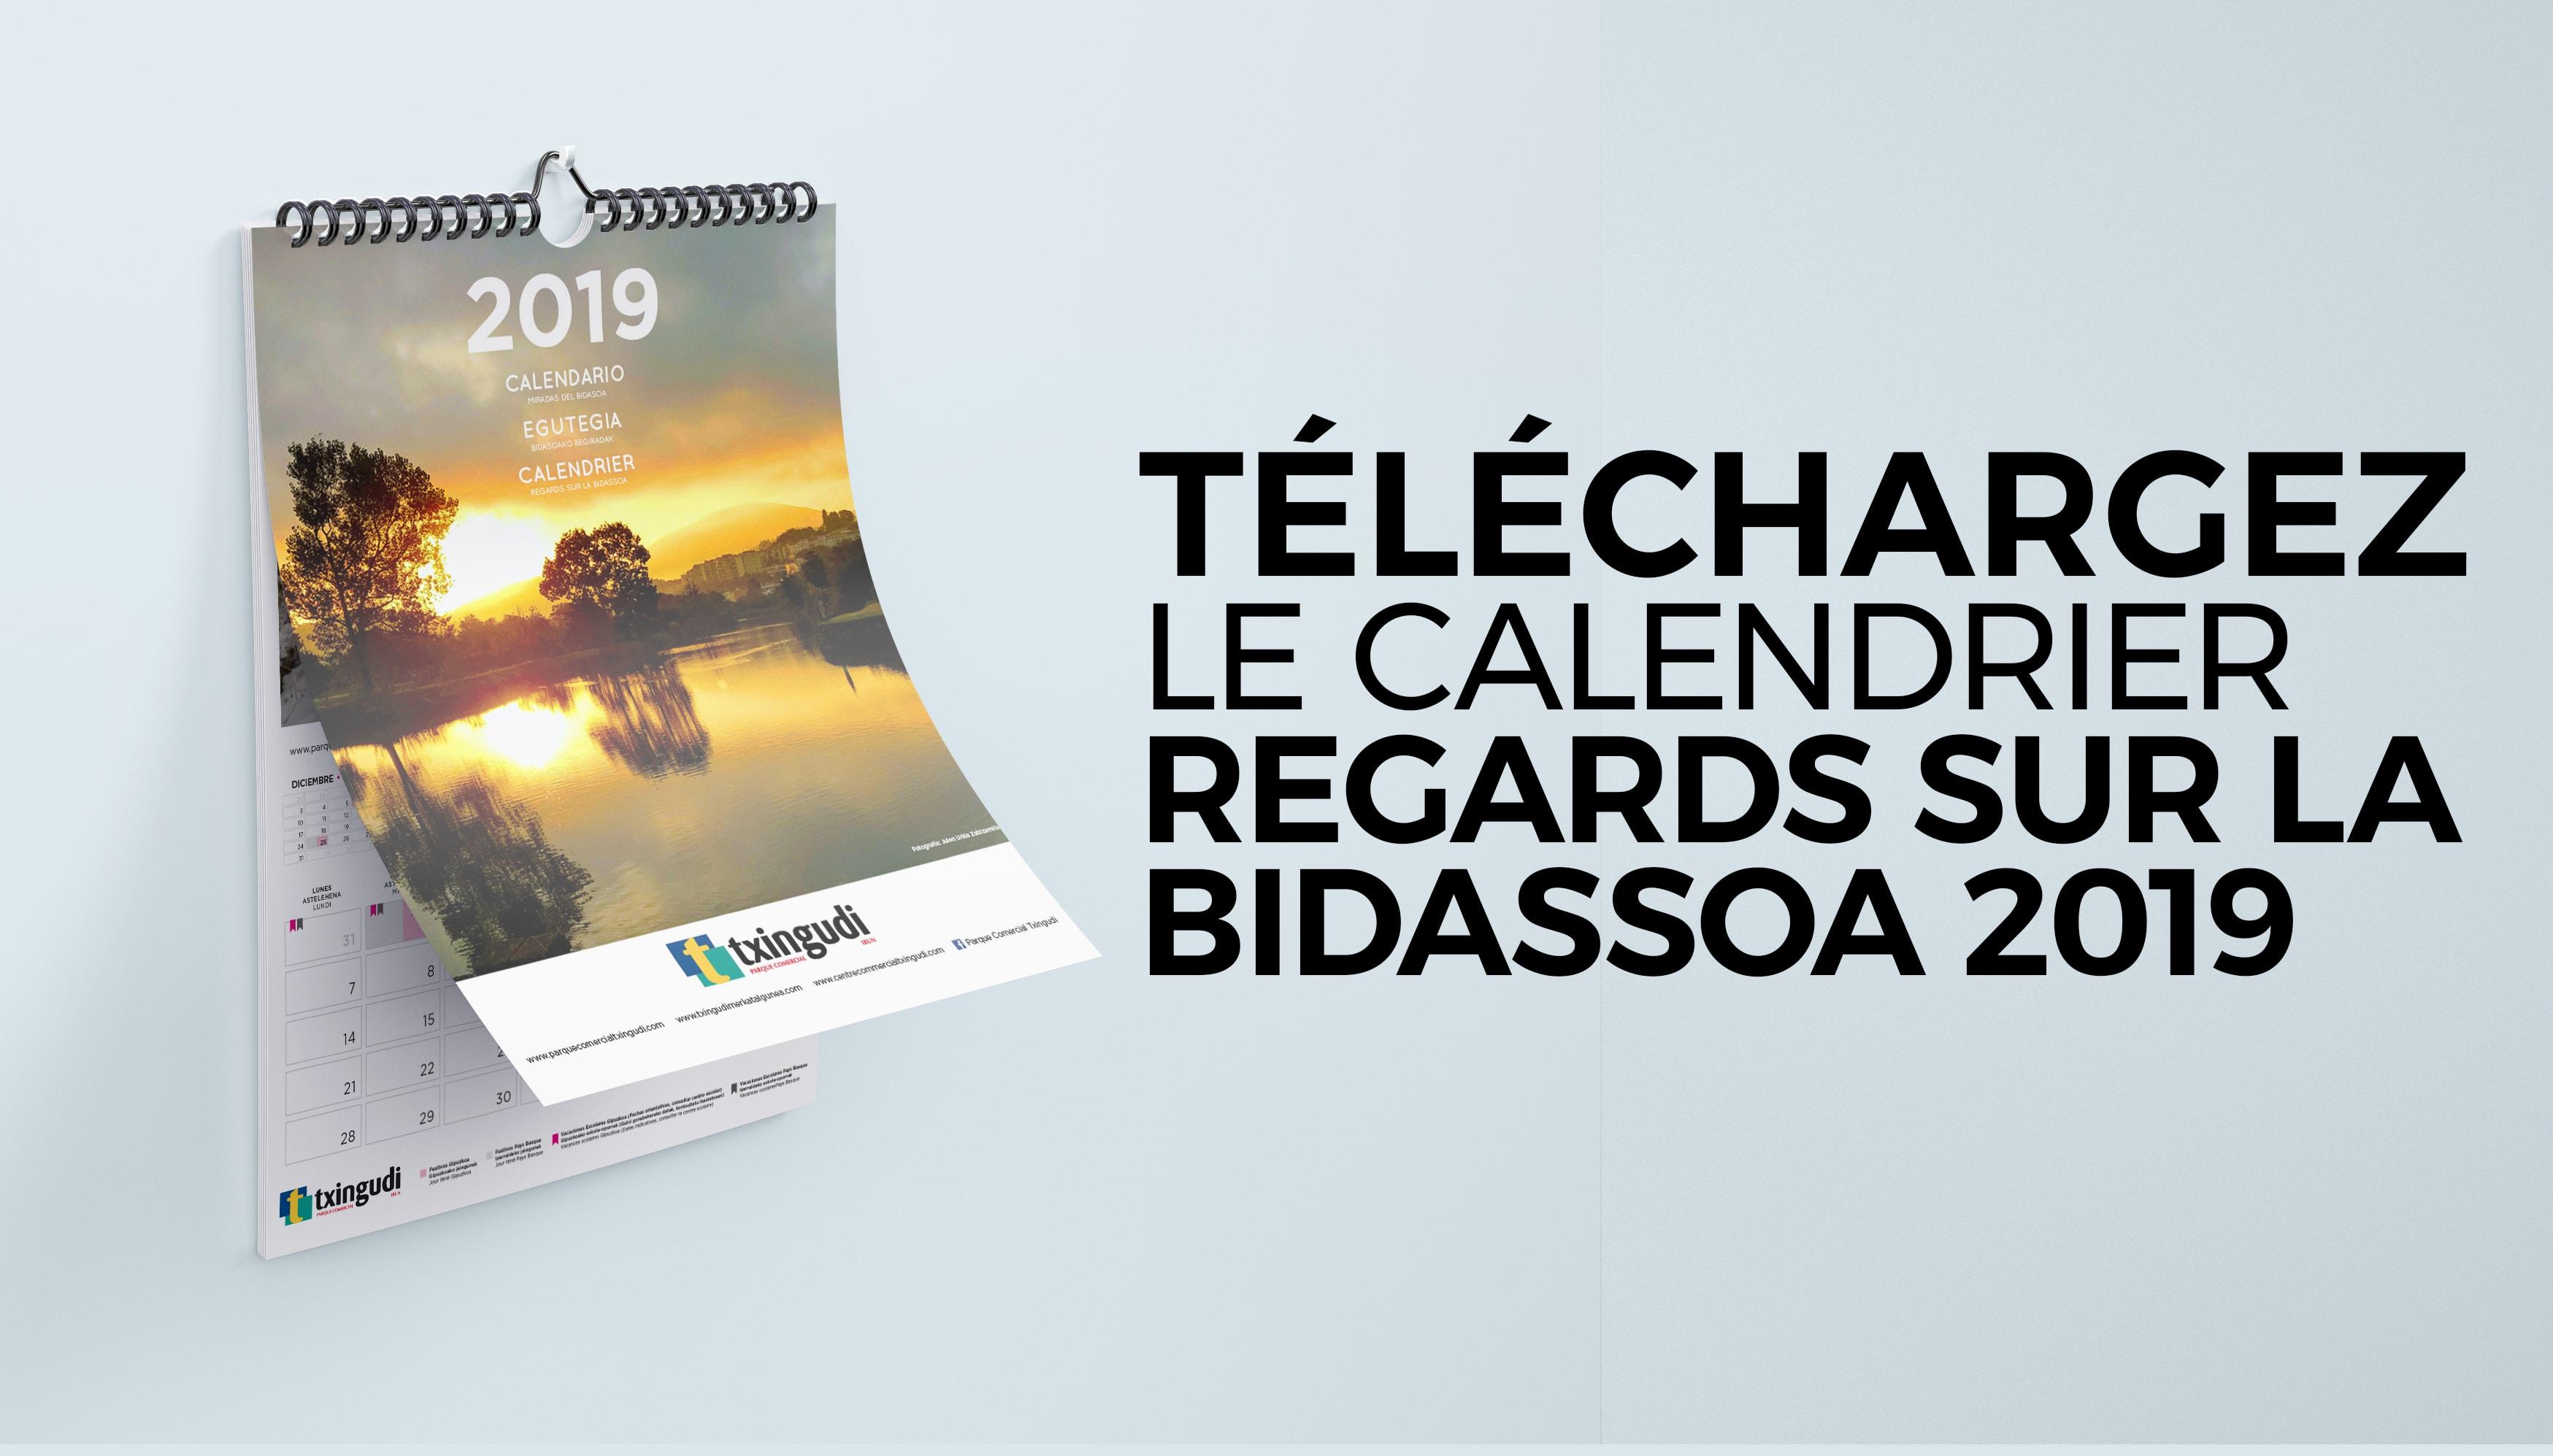 Téléchargez le calendrier Regards sur la Bidassoa 2019